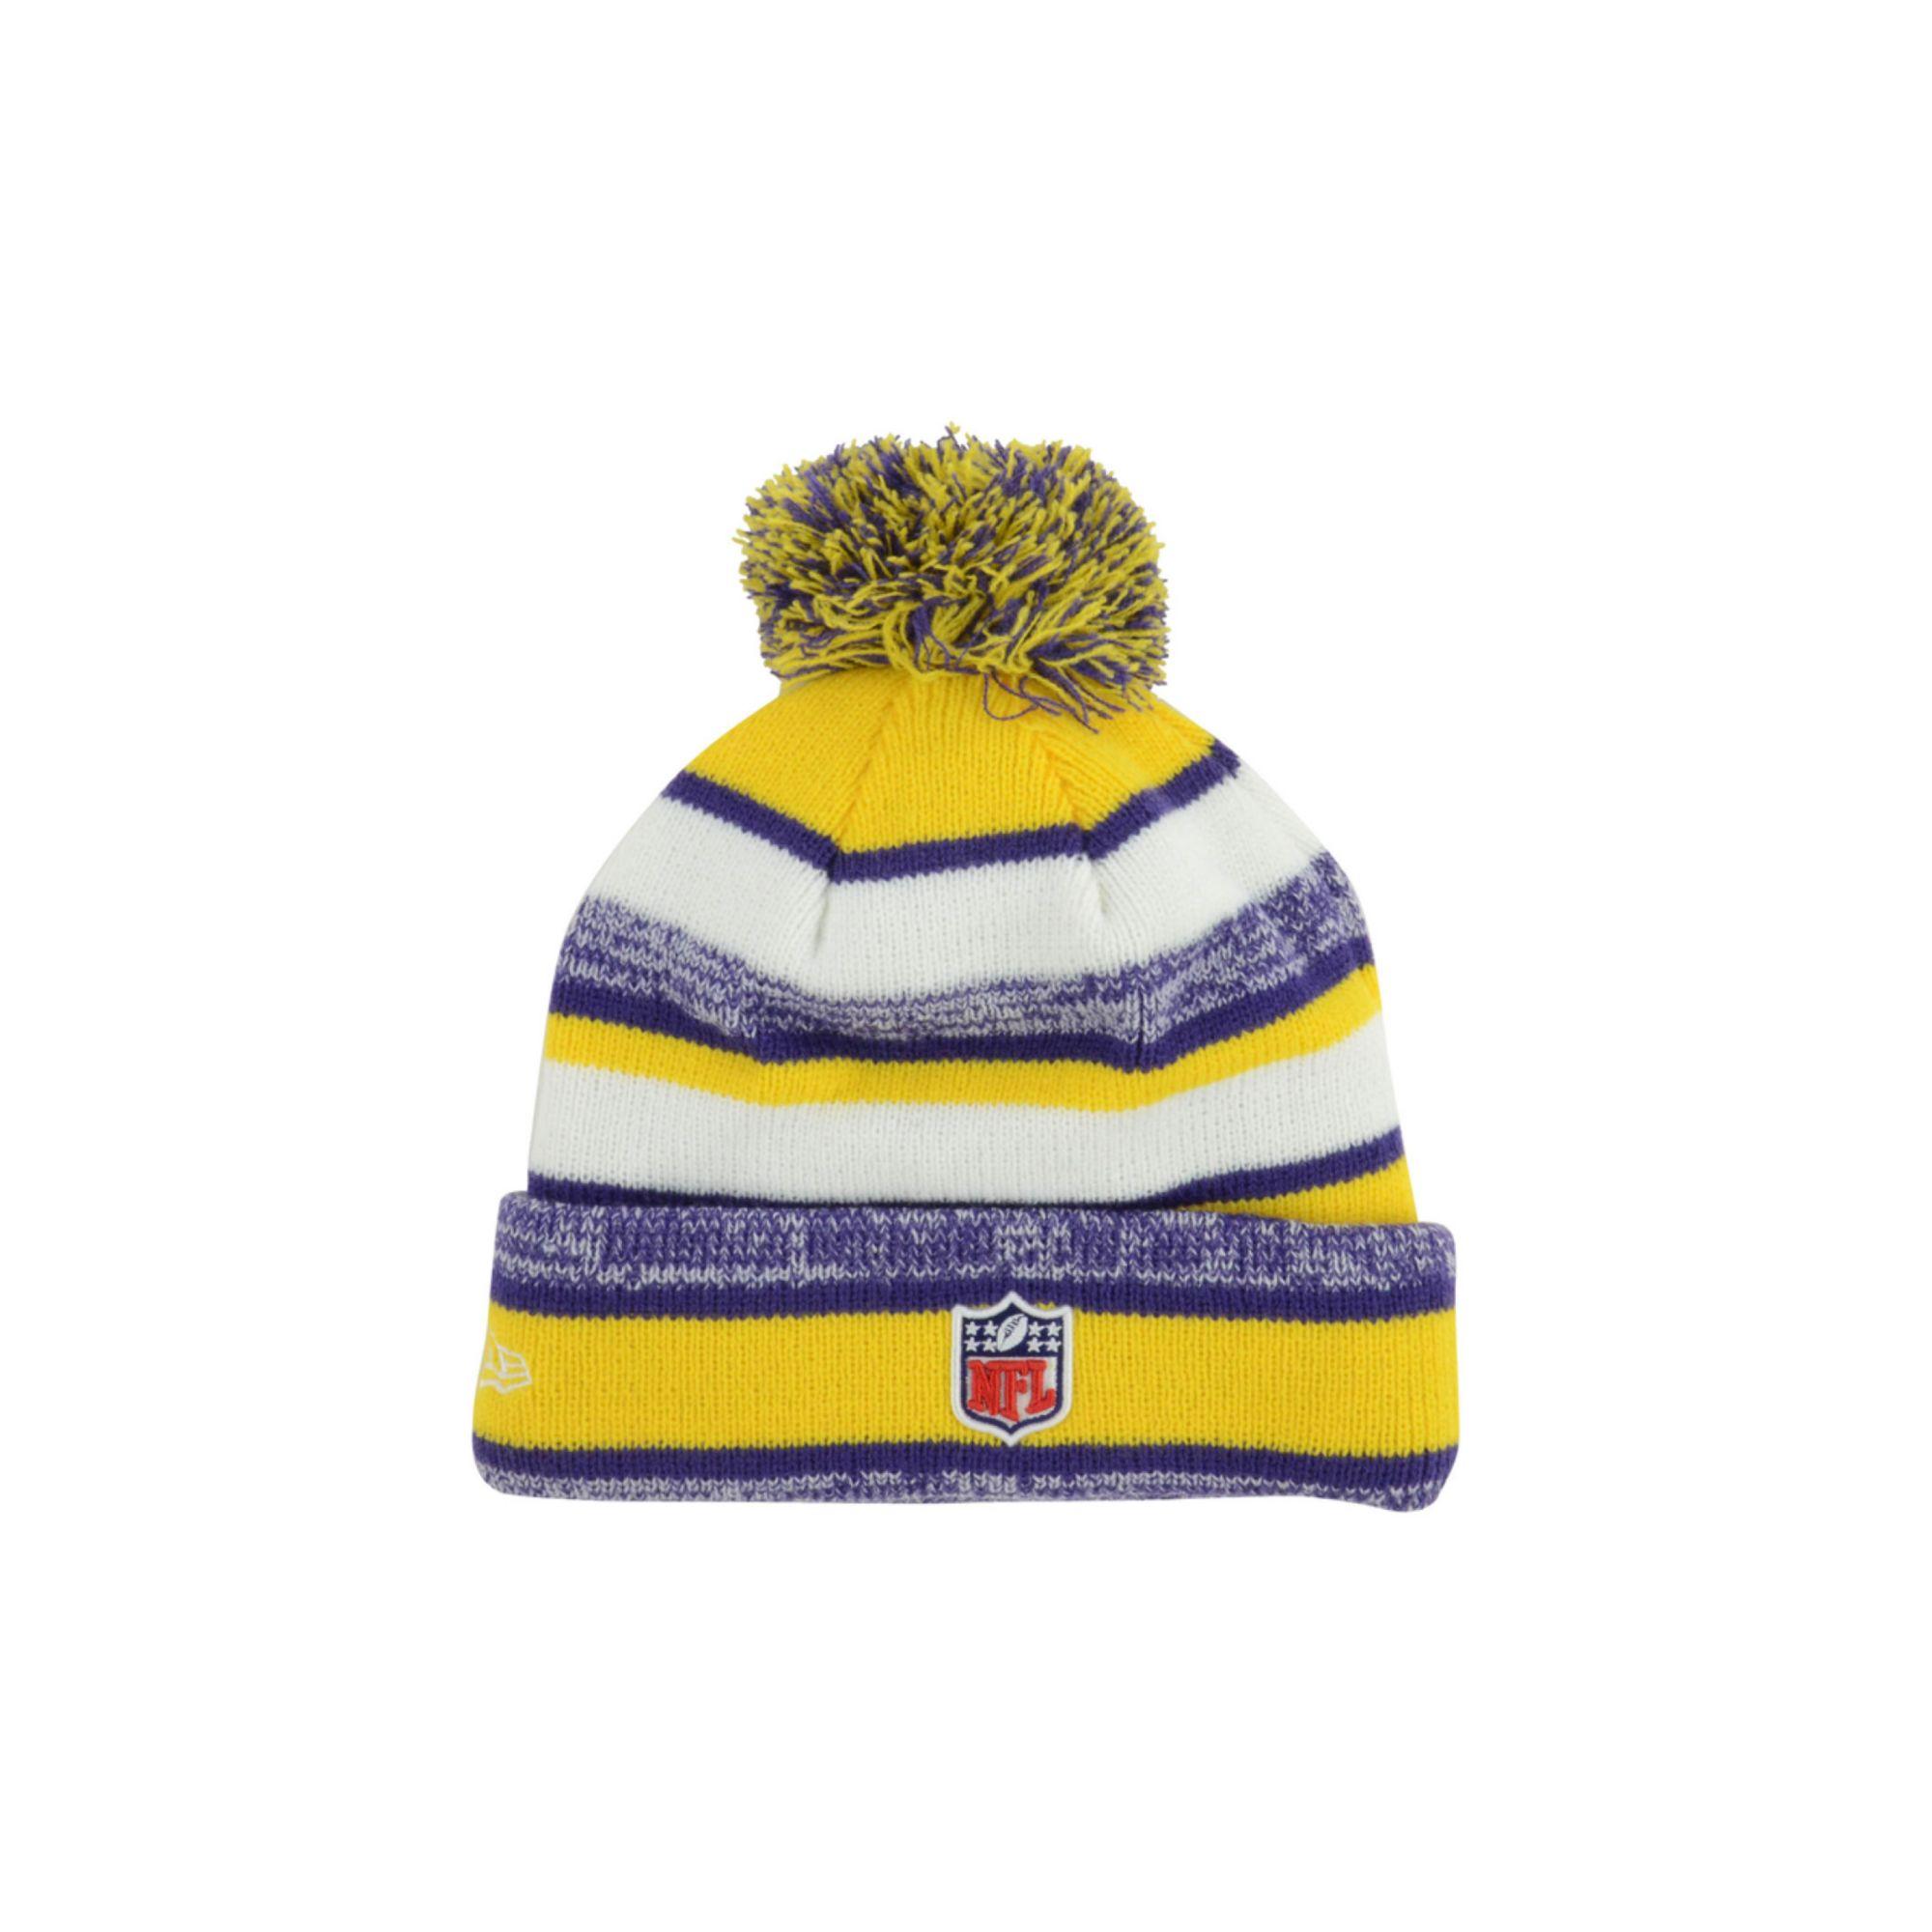 964964ea160 Ktz Minnesota Vikings Sport Knit Hat in Yellow for Men